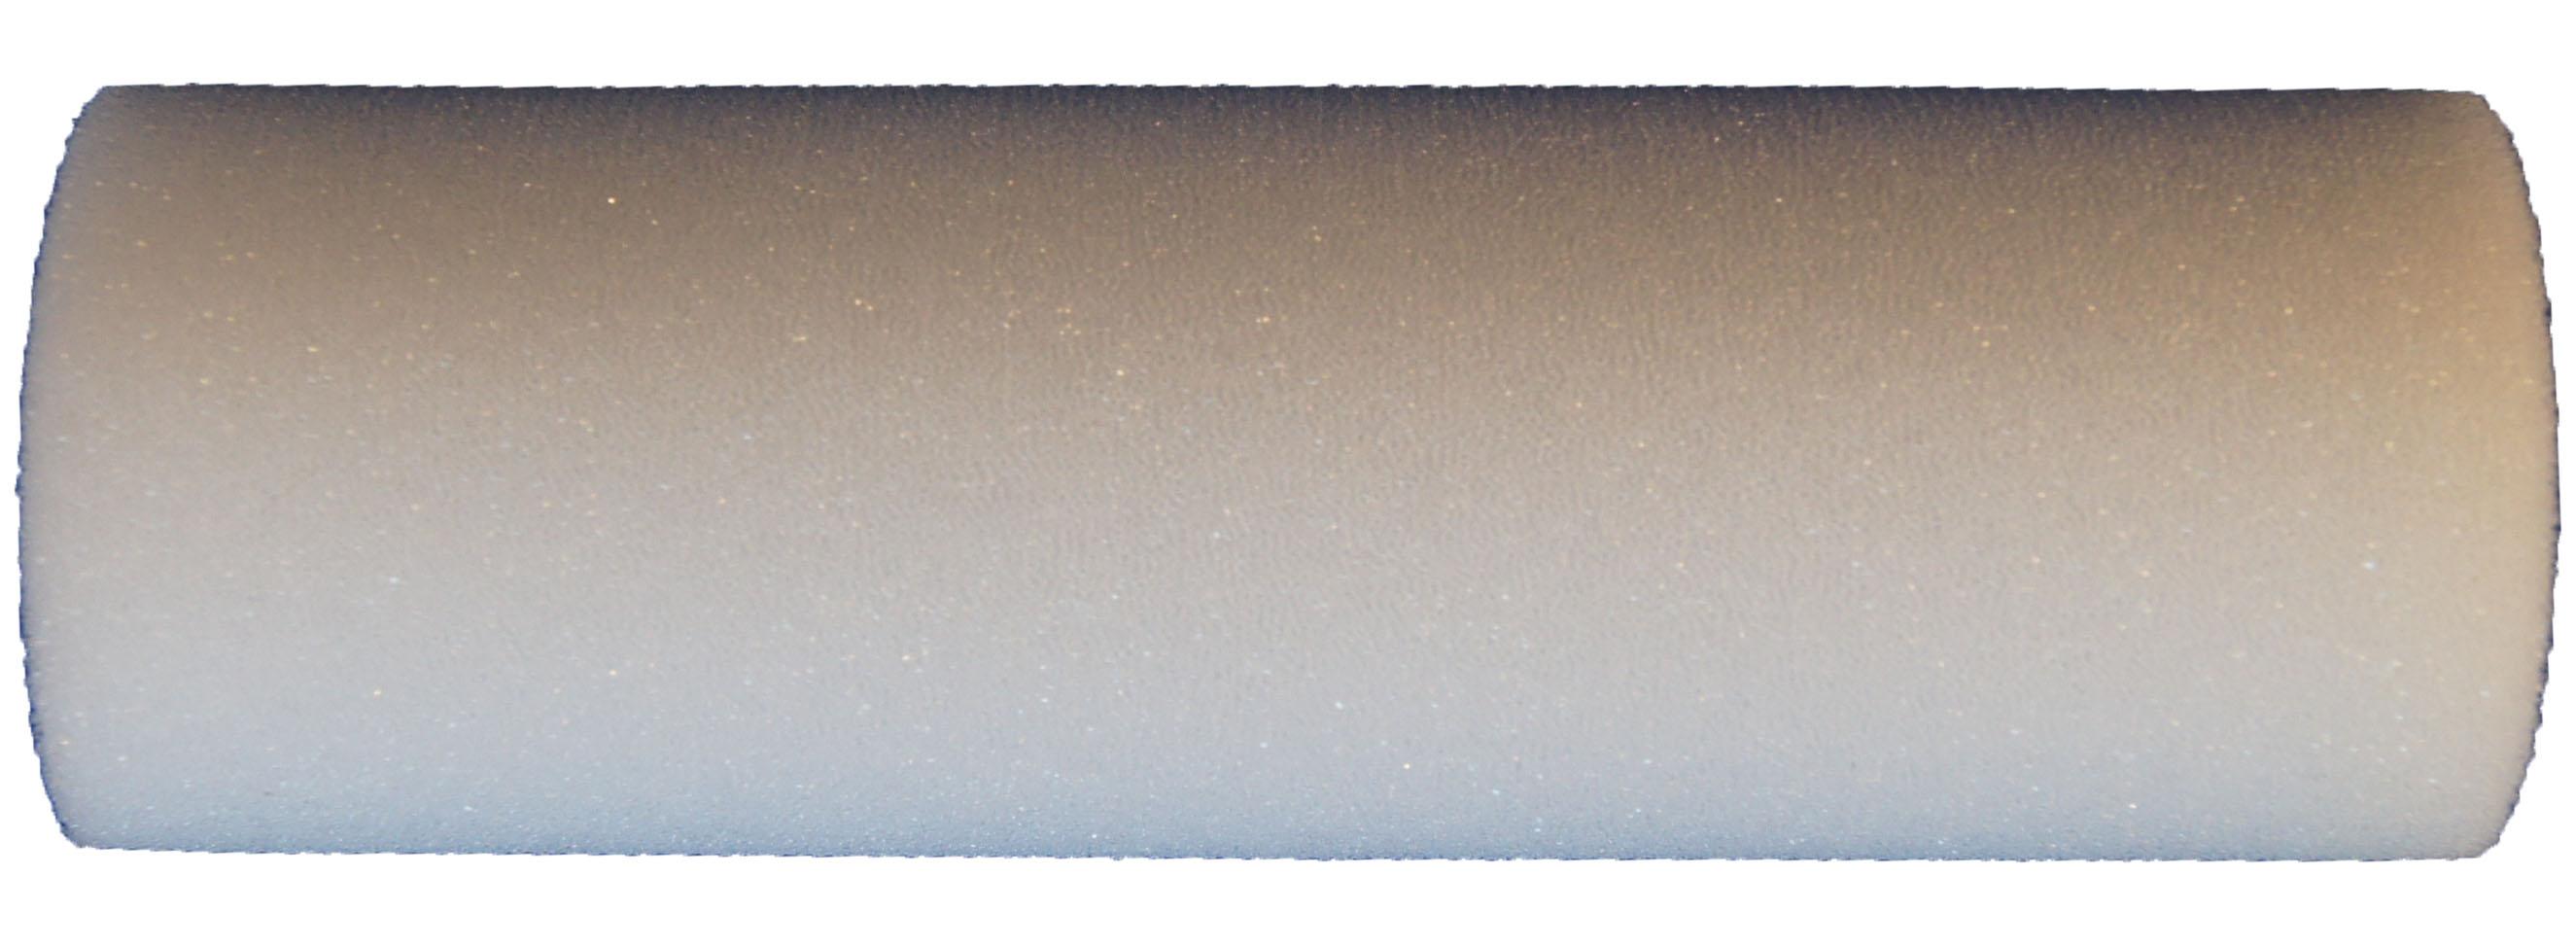 Fitex – Schuimroller super-fijn beide zijden recht 10 cm